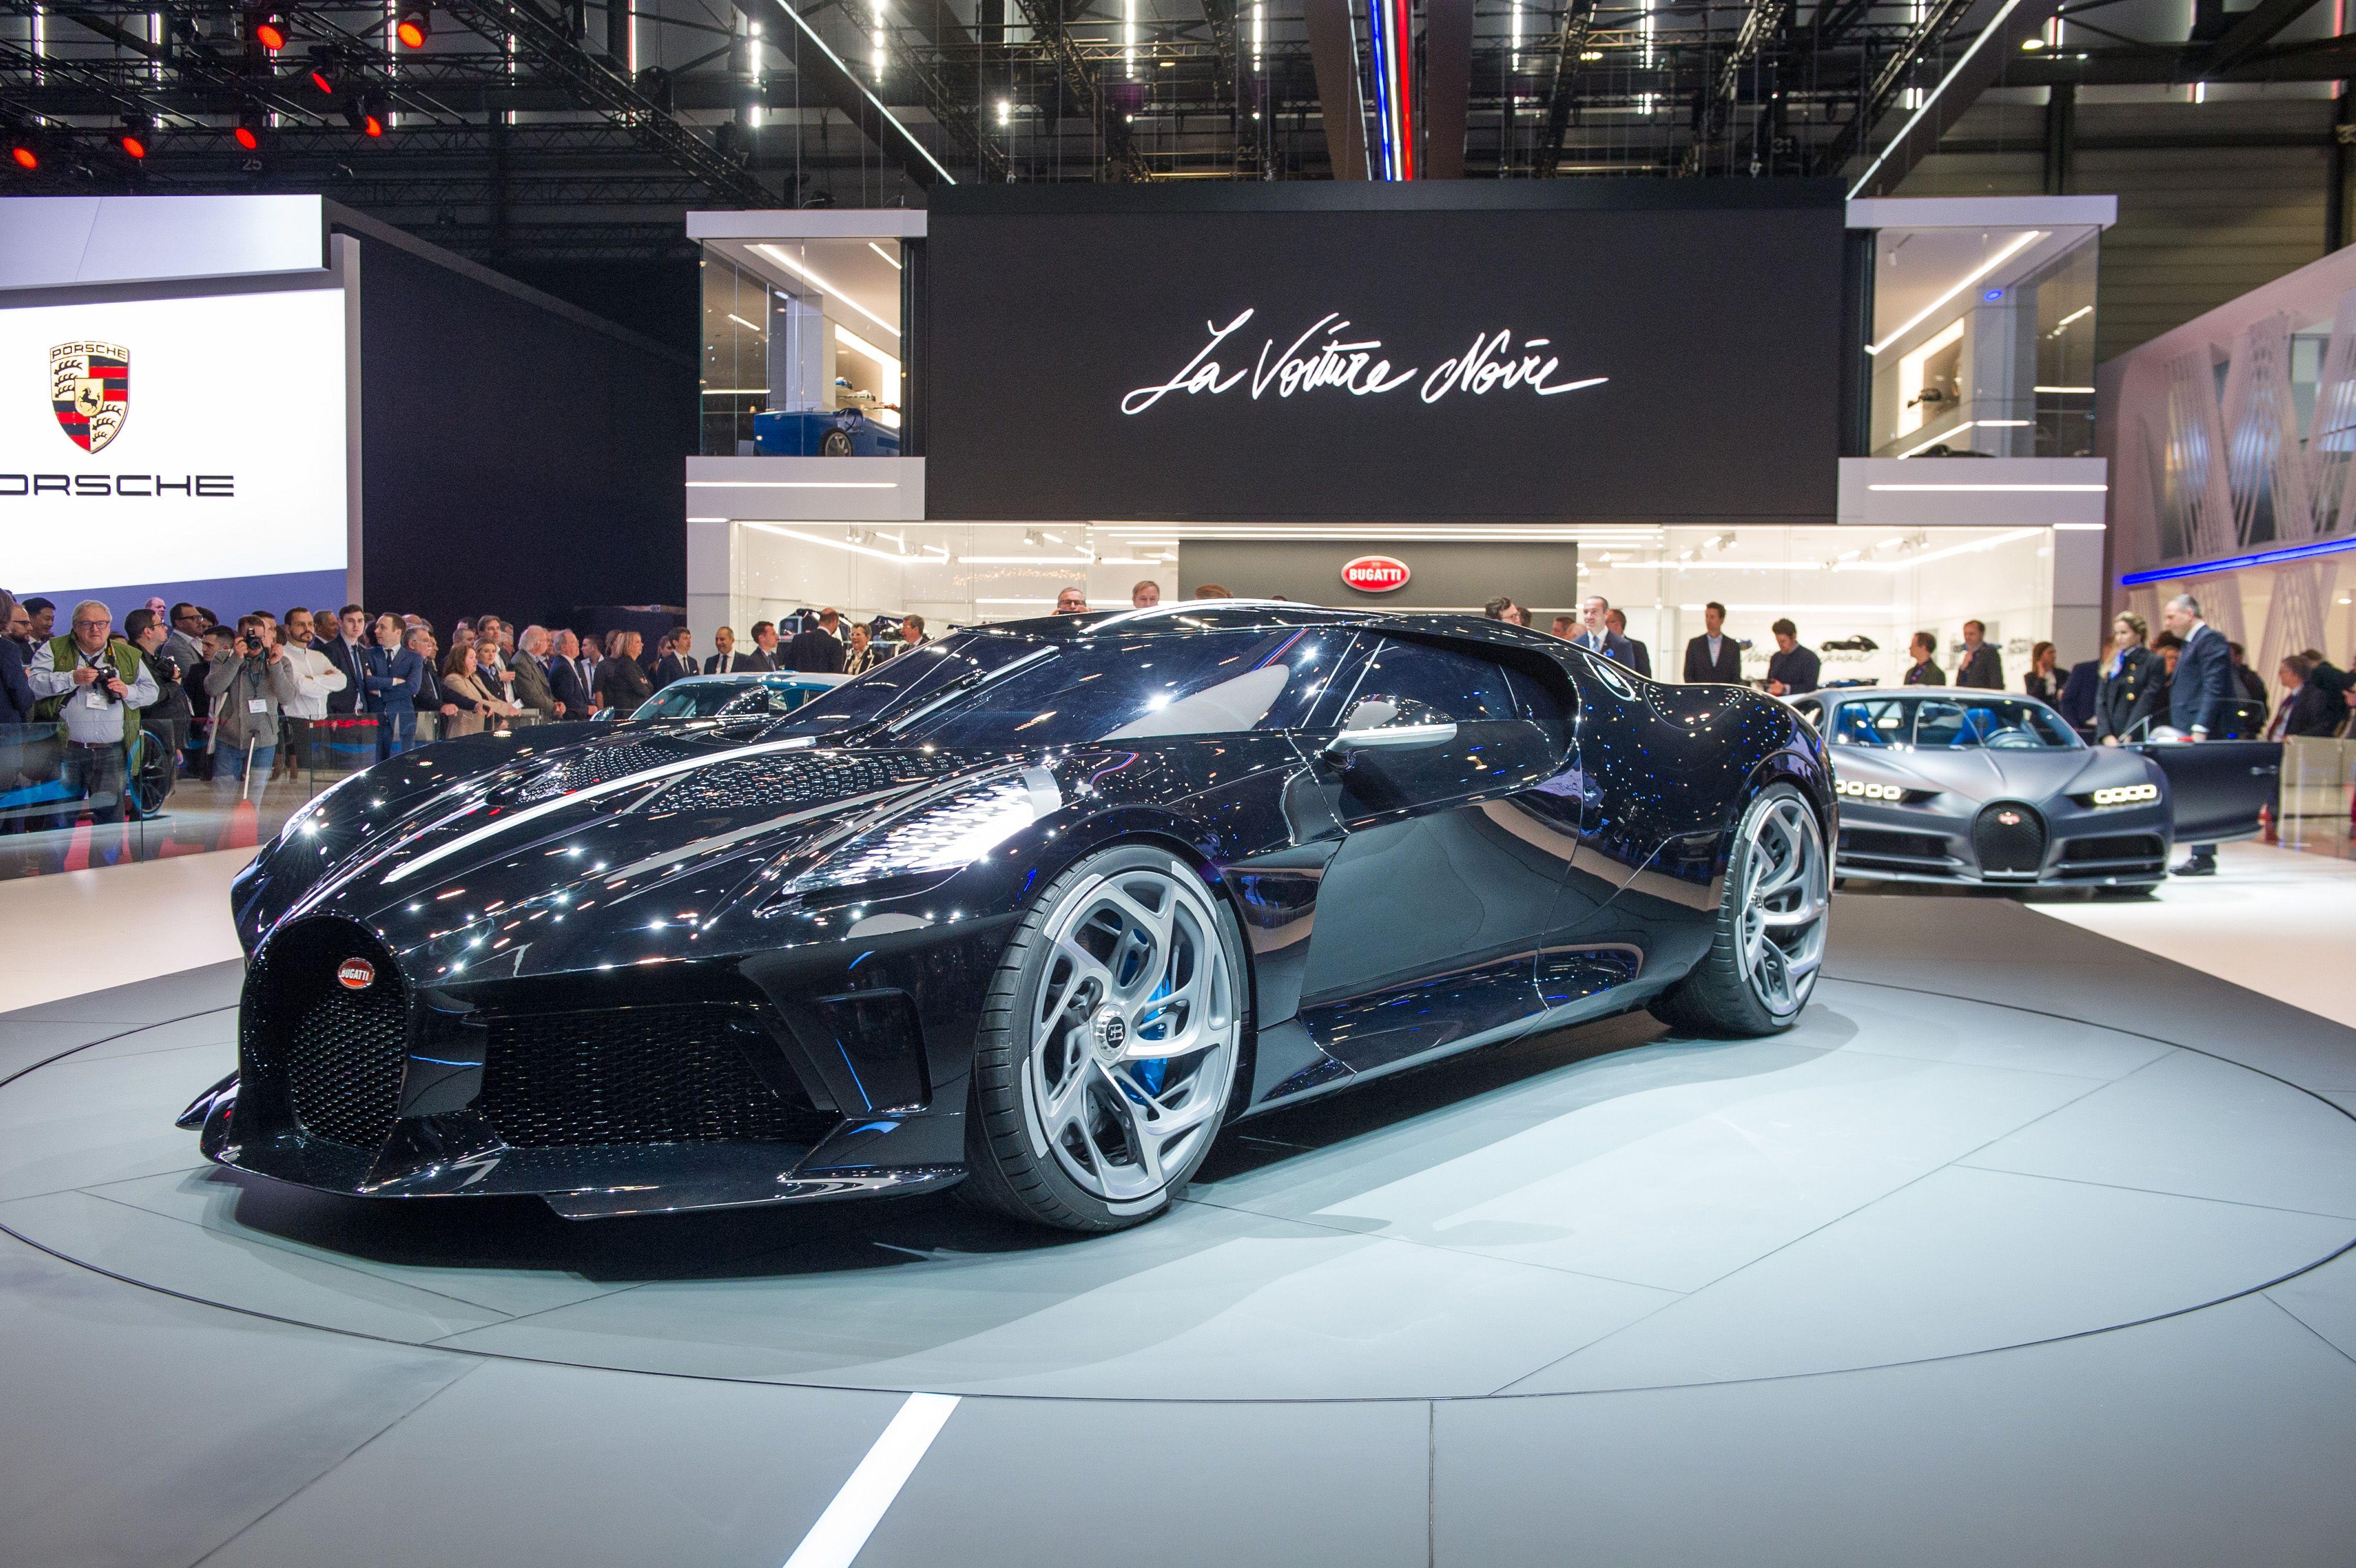 Geneva 2019 Bugatti La Voiture Noire Is The Most Expensive New Car Ever Bugatti New Cars Super Cars